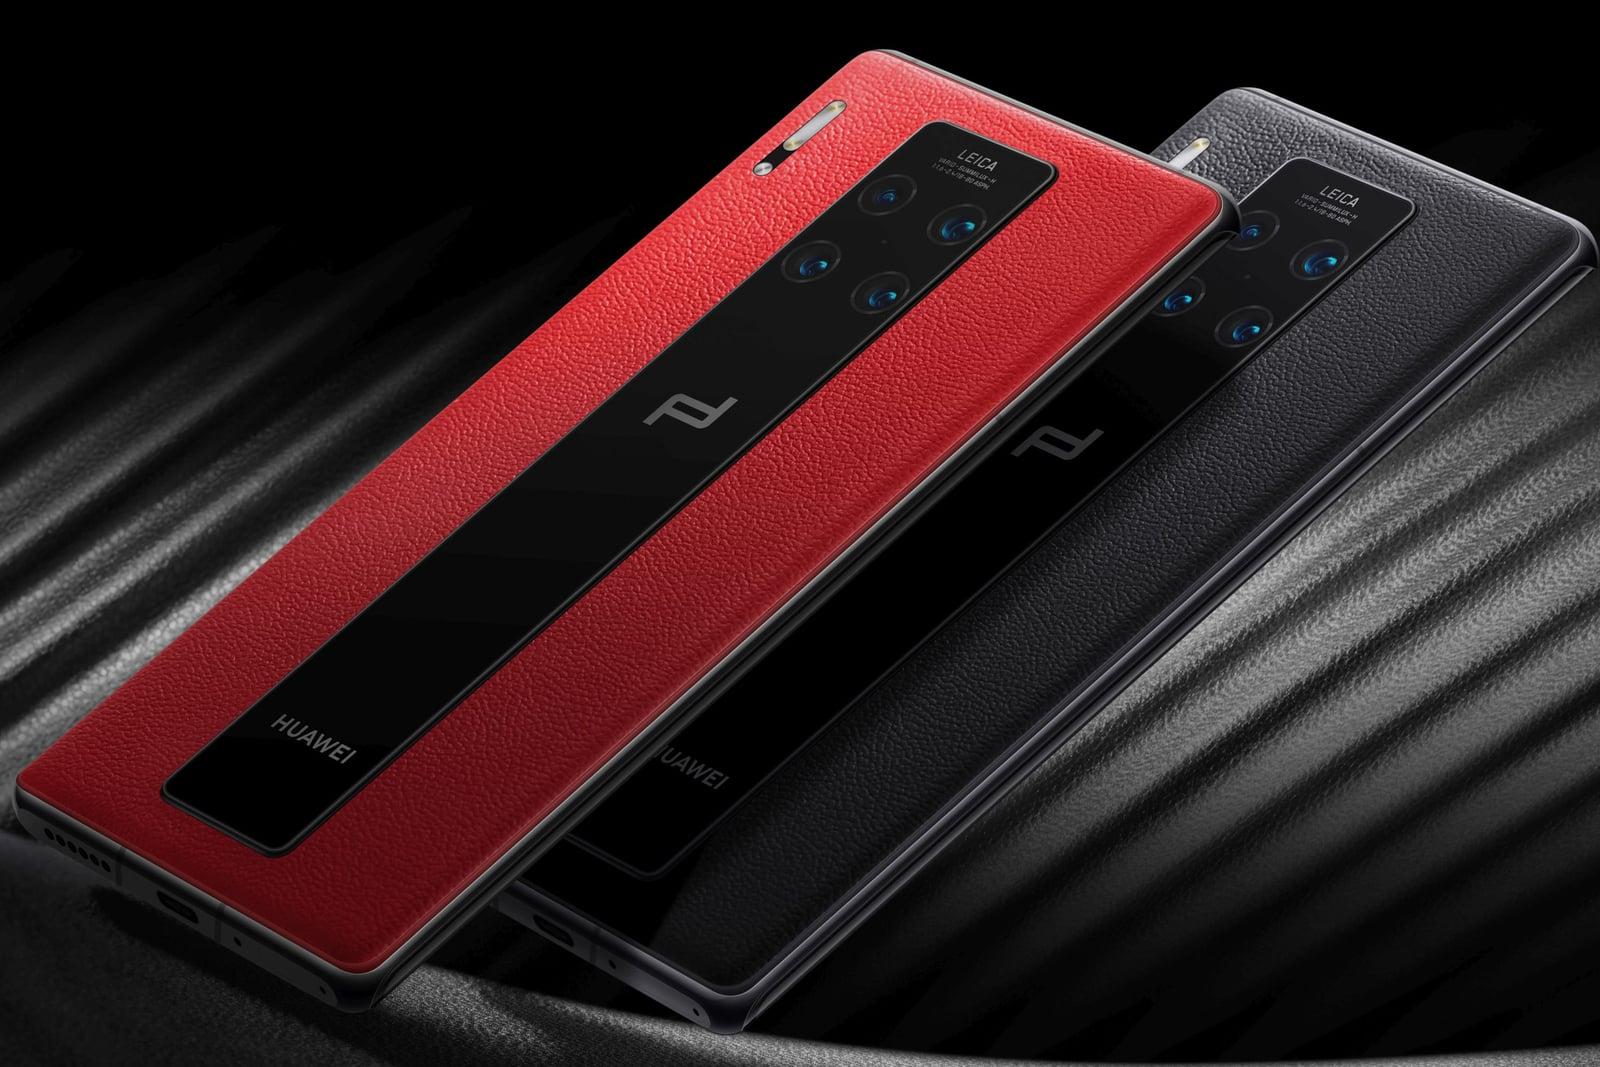 Toàn bộ dòng sản phẩm smartphone Mate 30 của Huawei bị lộ ngay trước thềm lễ ra mắt